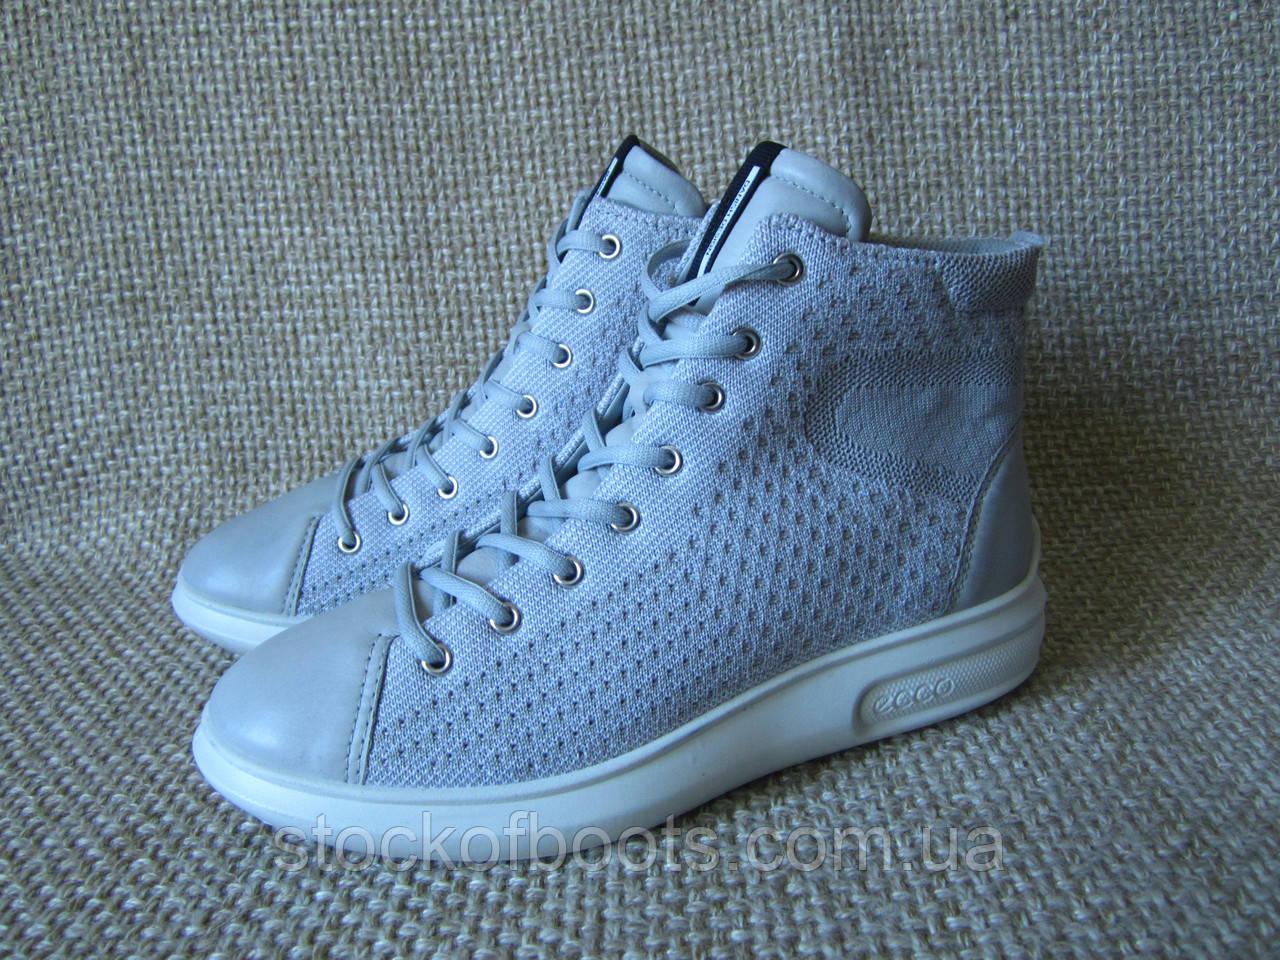 Снікерси кросівки шкіряні сірі ecco Soft 3 221513 розмір 41  продажа ... 5cc6bdeb4c13f